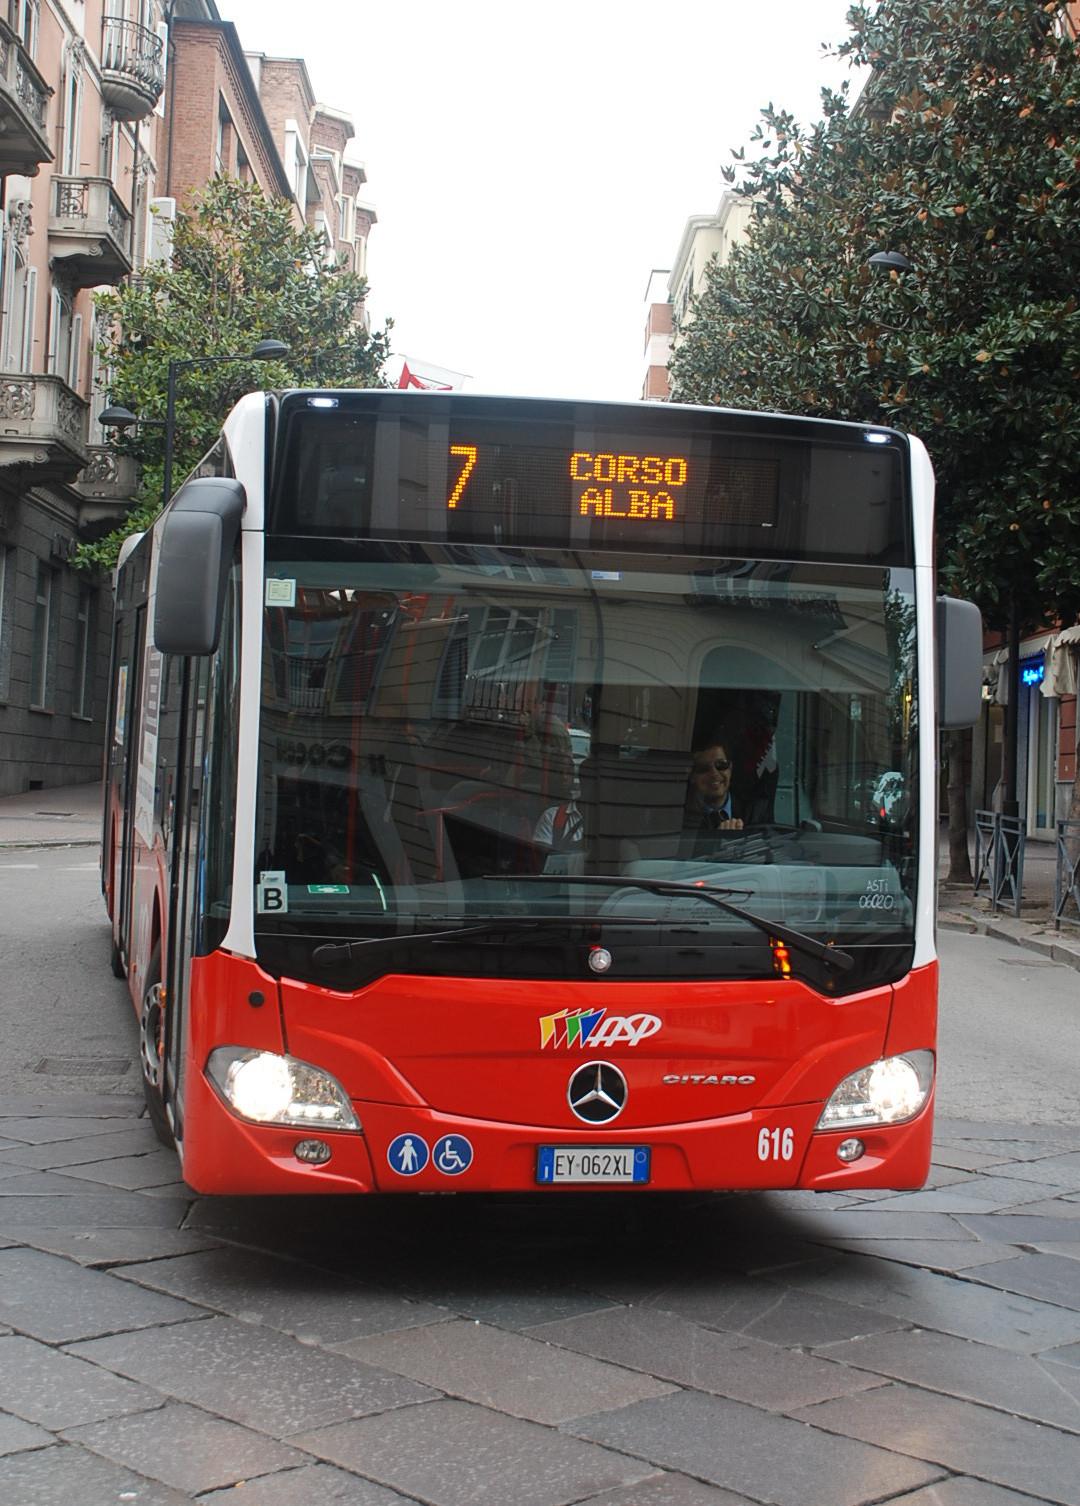 Dal 3 all'8 luglio i bus Asp della linea 3 cambiano percorso in corso Alessandria